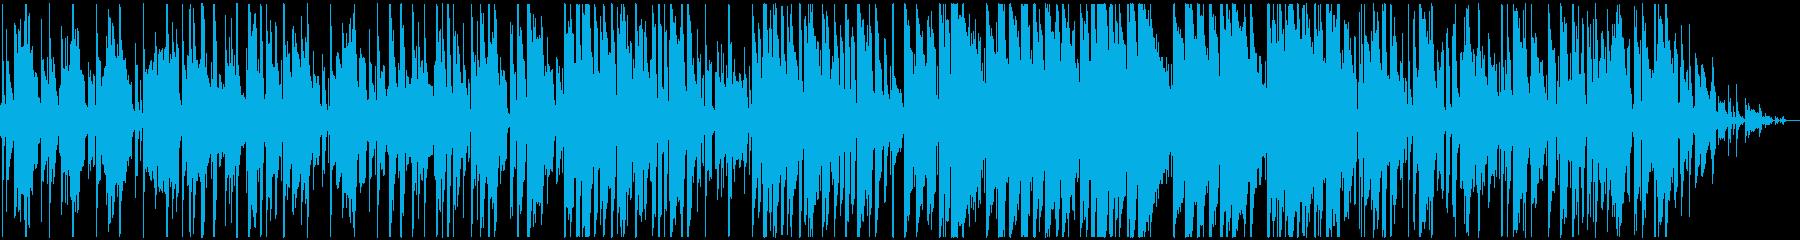 ゆったりかわいいレゲエ調ギターインストの再生済みの波形